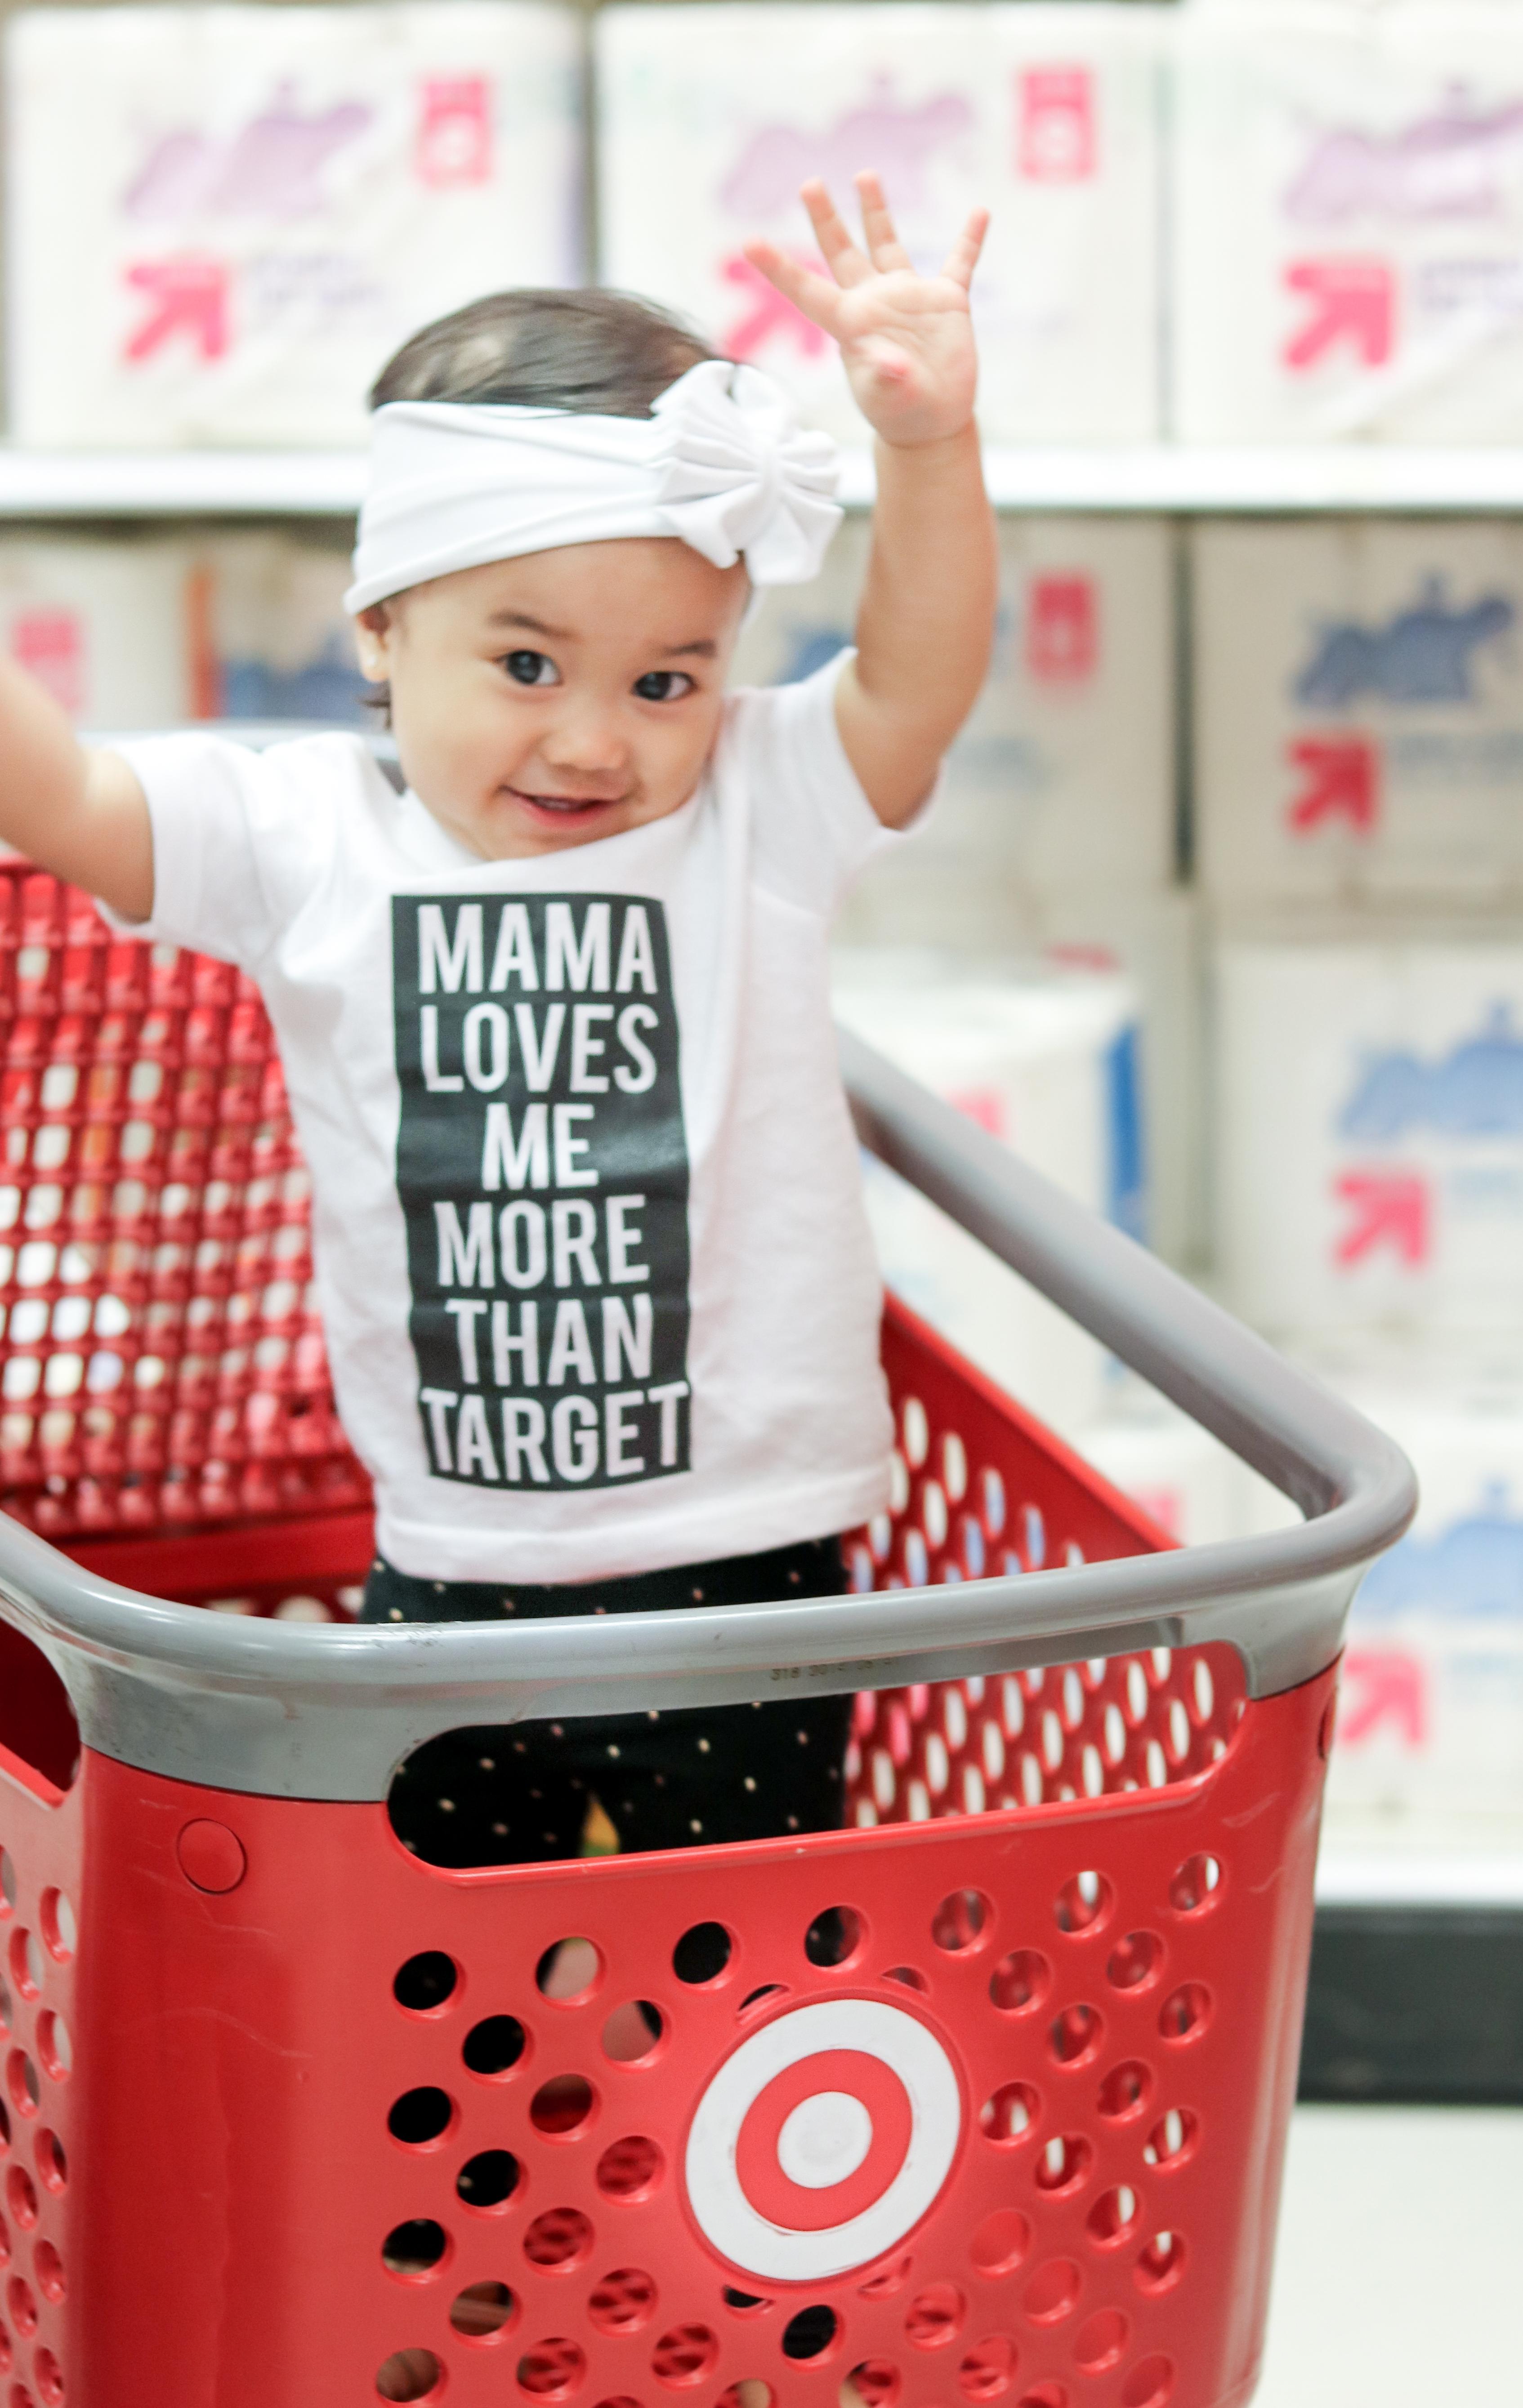 Who I Love More Than Target